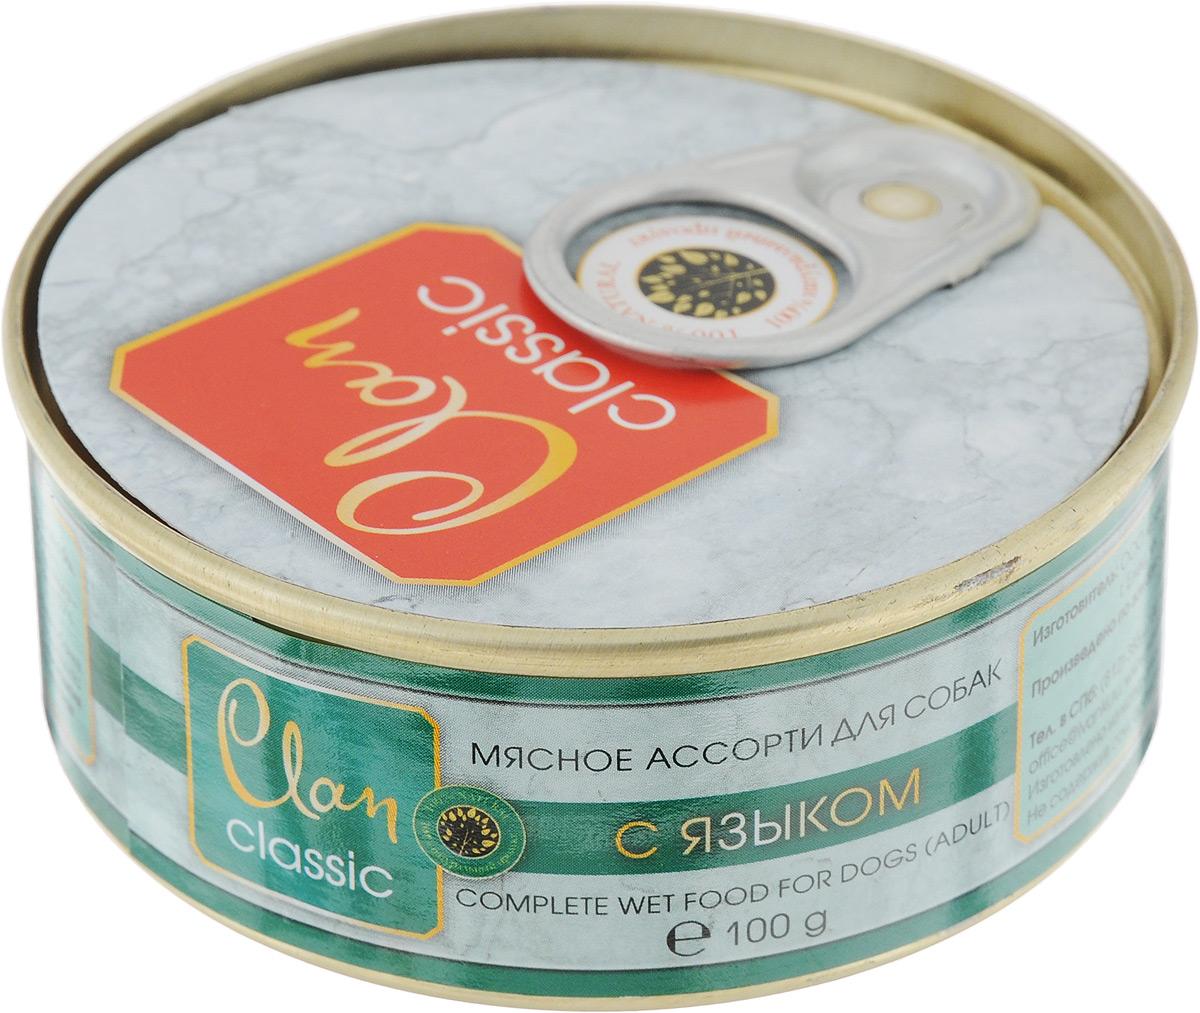 Консервы для взрослых собак Clan Classic, с языком, 100 г0120710Clan Classic - влажный корм для каждодневного питания взрослых собак. Корм рекомендуется смешивать с кашами. Консервы изготовлены из высококачественного мясного сырья. Для производства корма используется щадящая технология, бережно сохраняющая максимум питательных веществ и витаминов, отборное сырье и специально разработанная рецептура, которая обеспечивает продукции изысканный деликатесный вкус и ярко выраженный аромат. Товар сертифицирован.